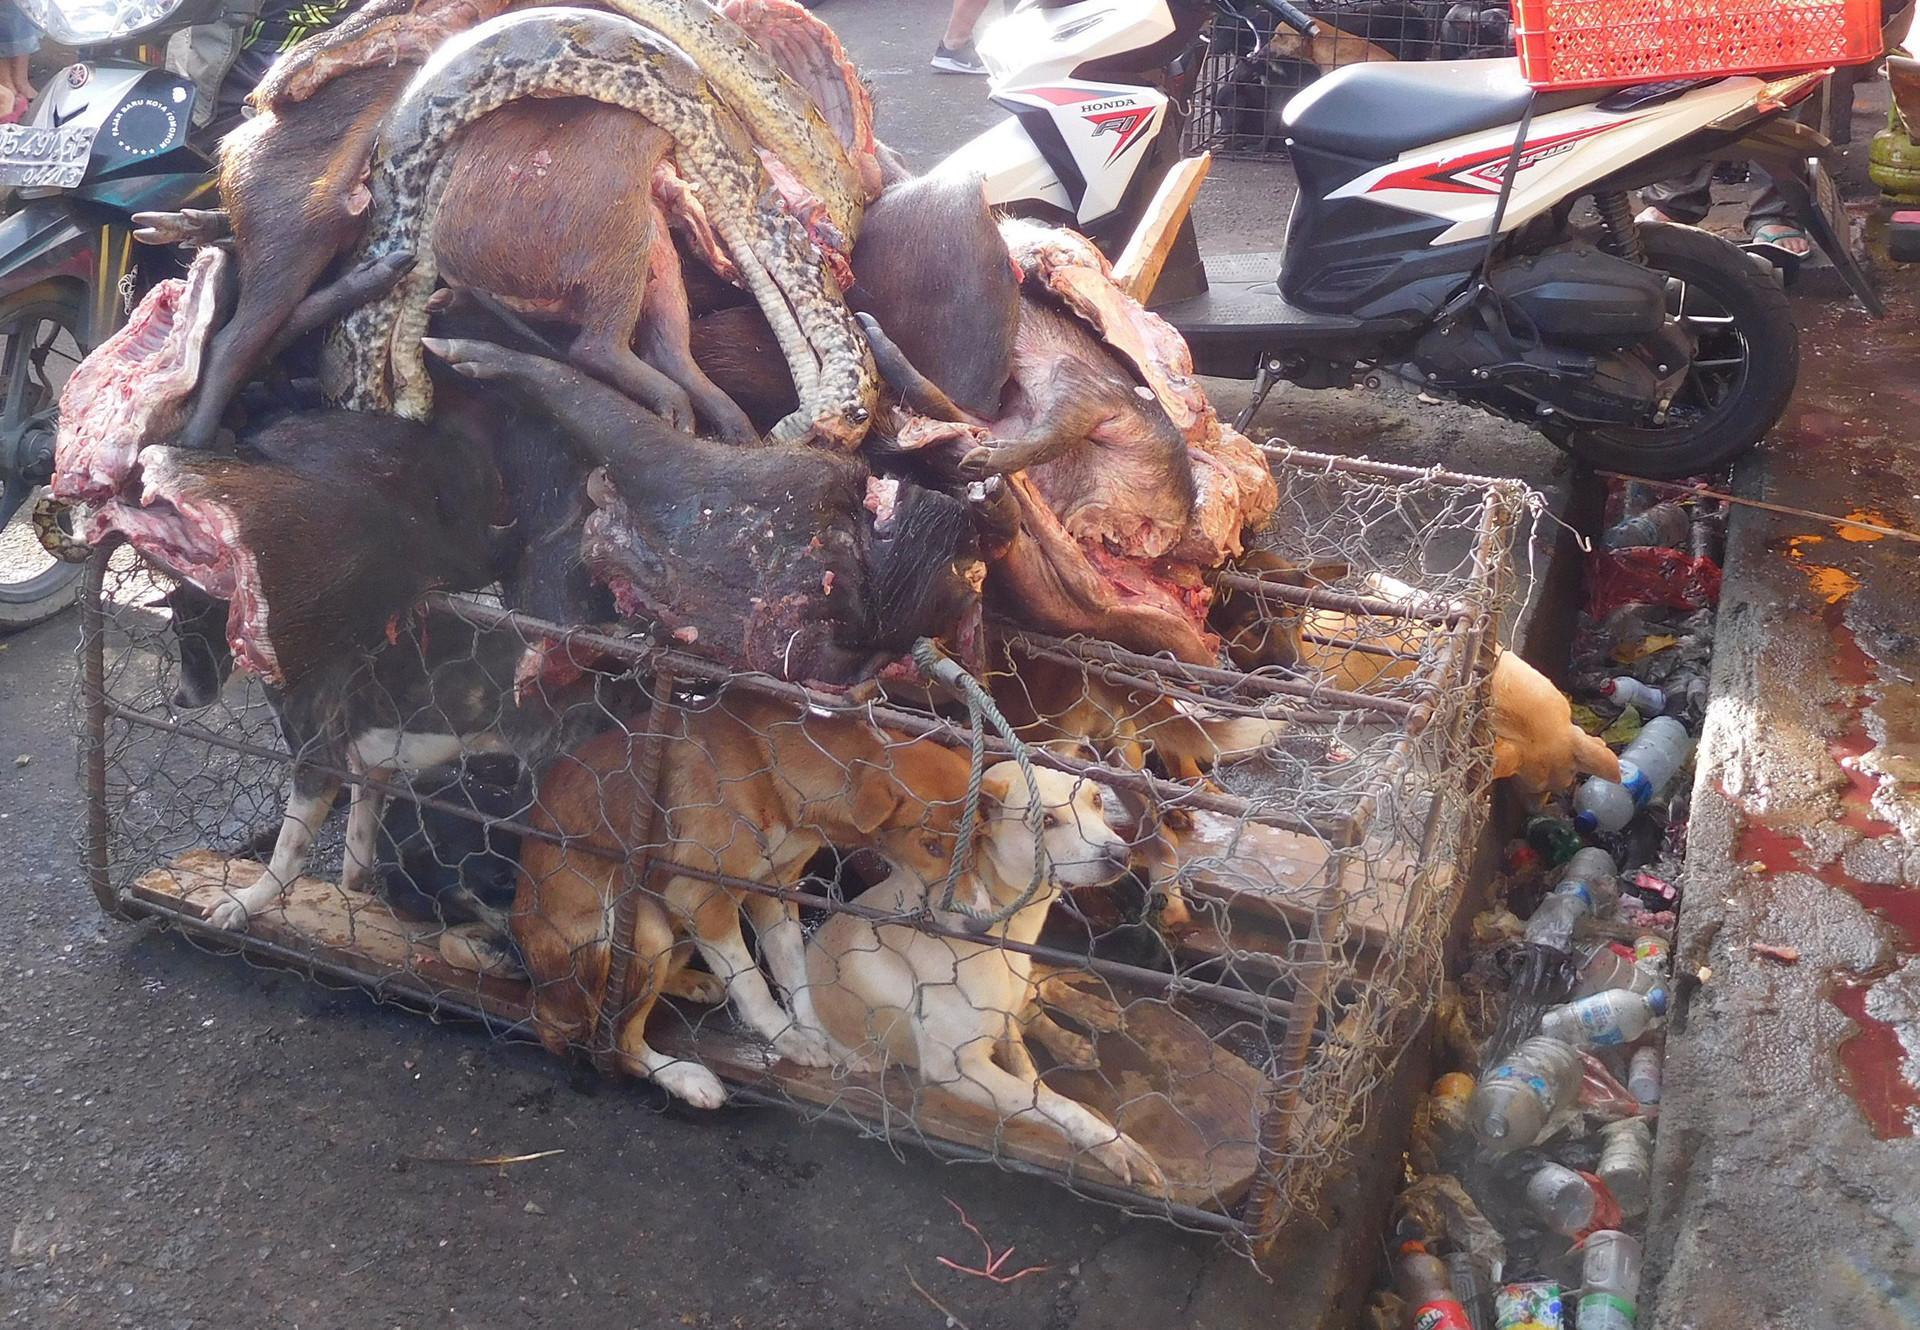 Les dangers des marchés d'animaux vivants